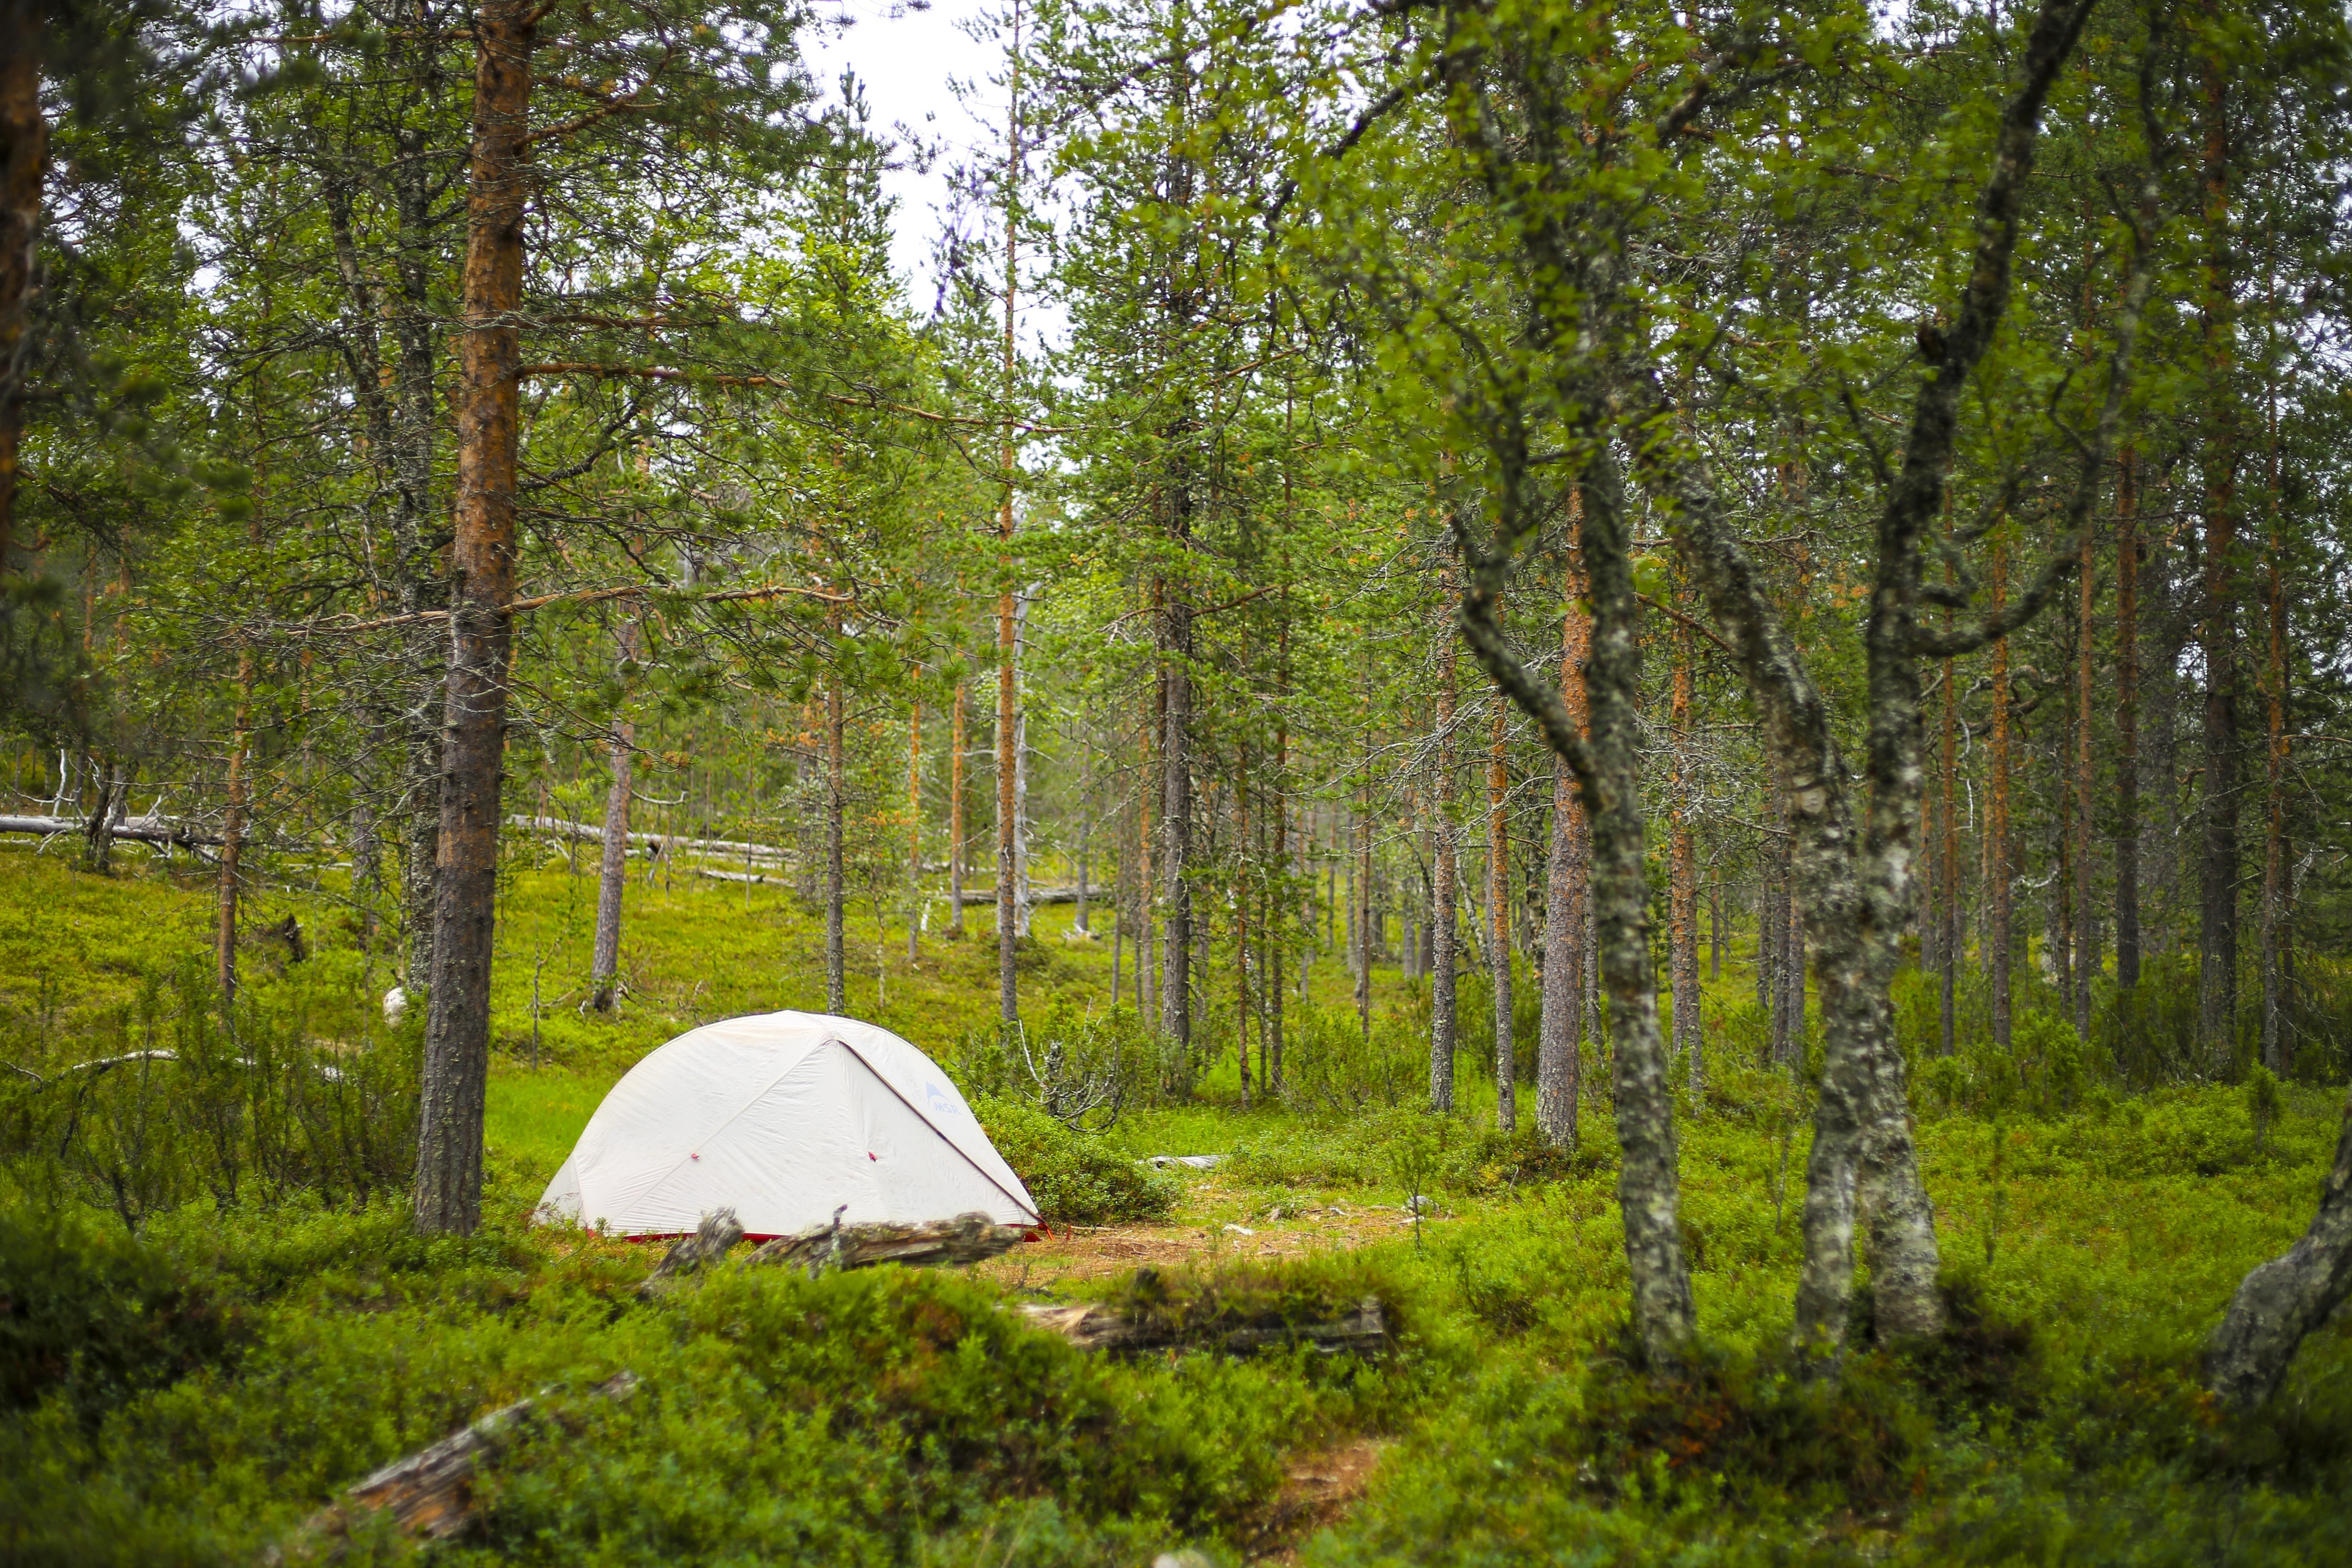 そこにキャンプ愛はあるのか。